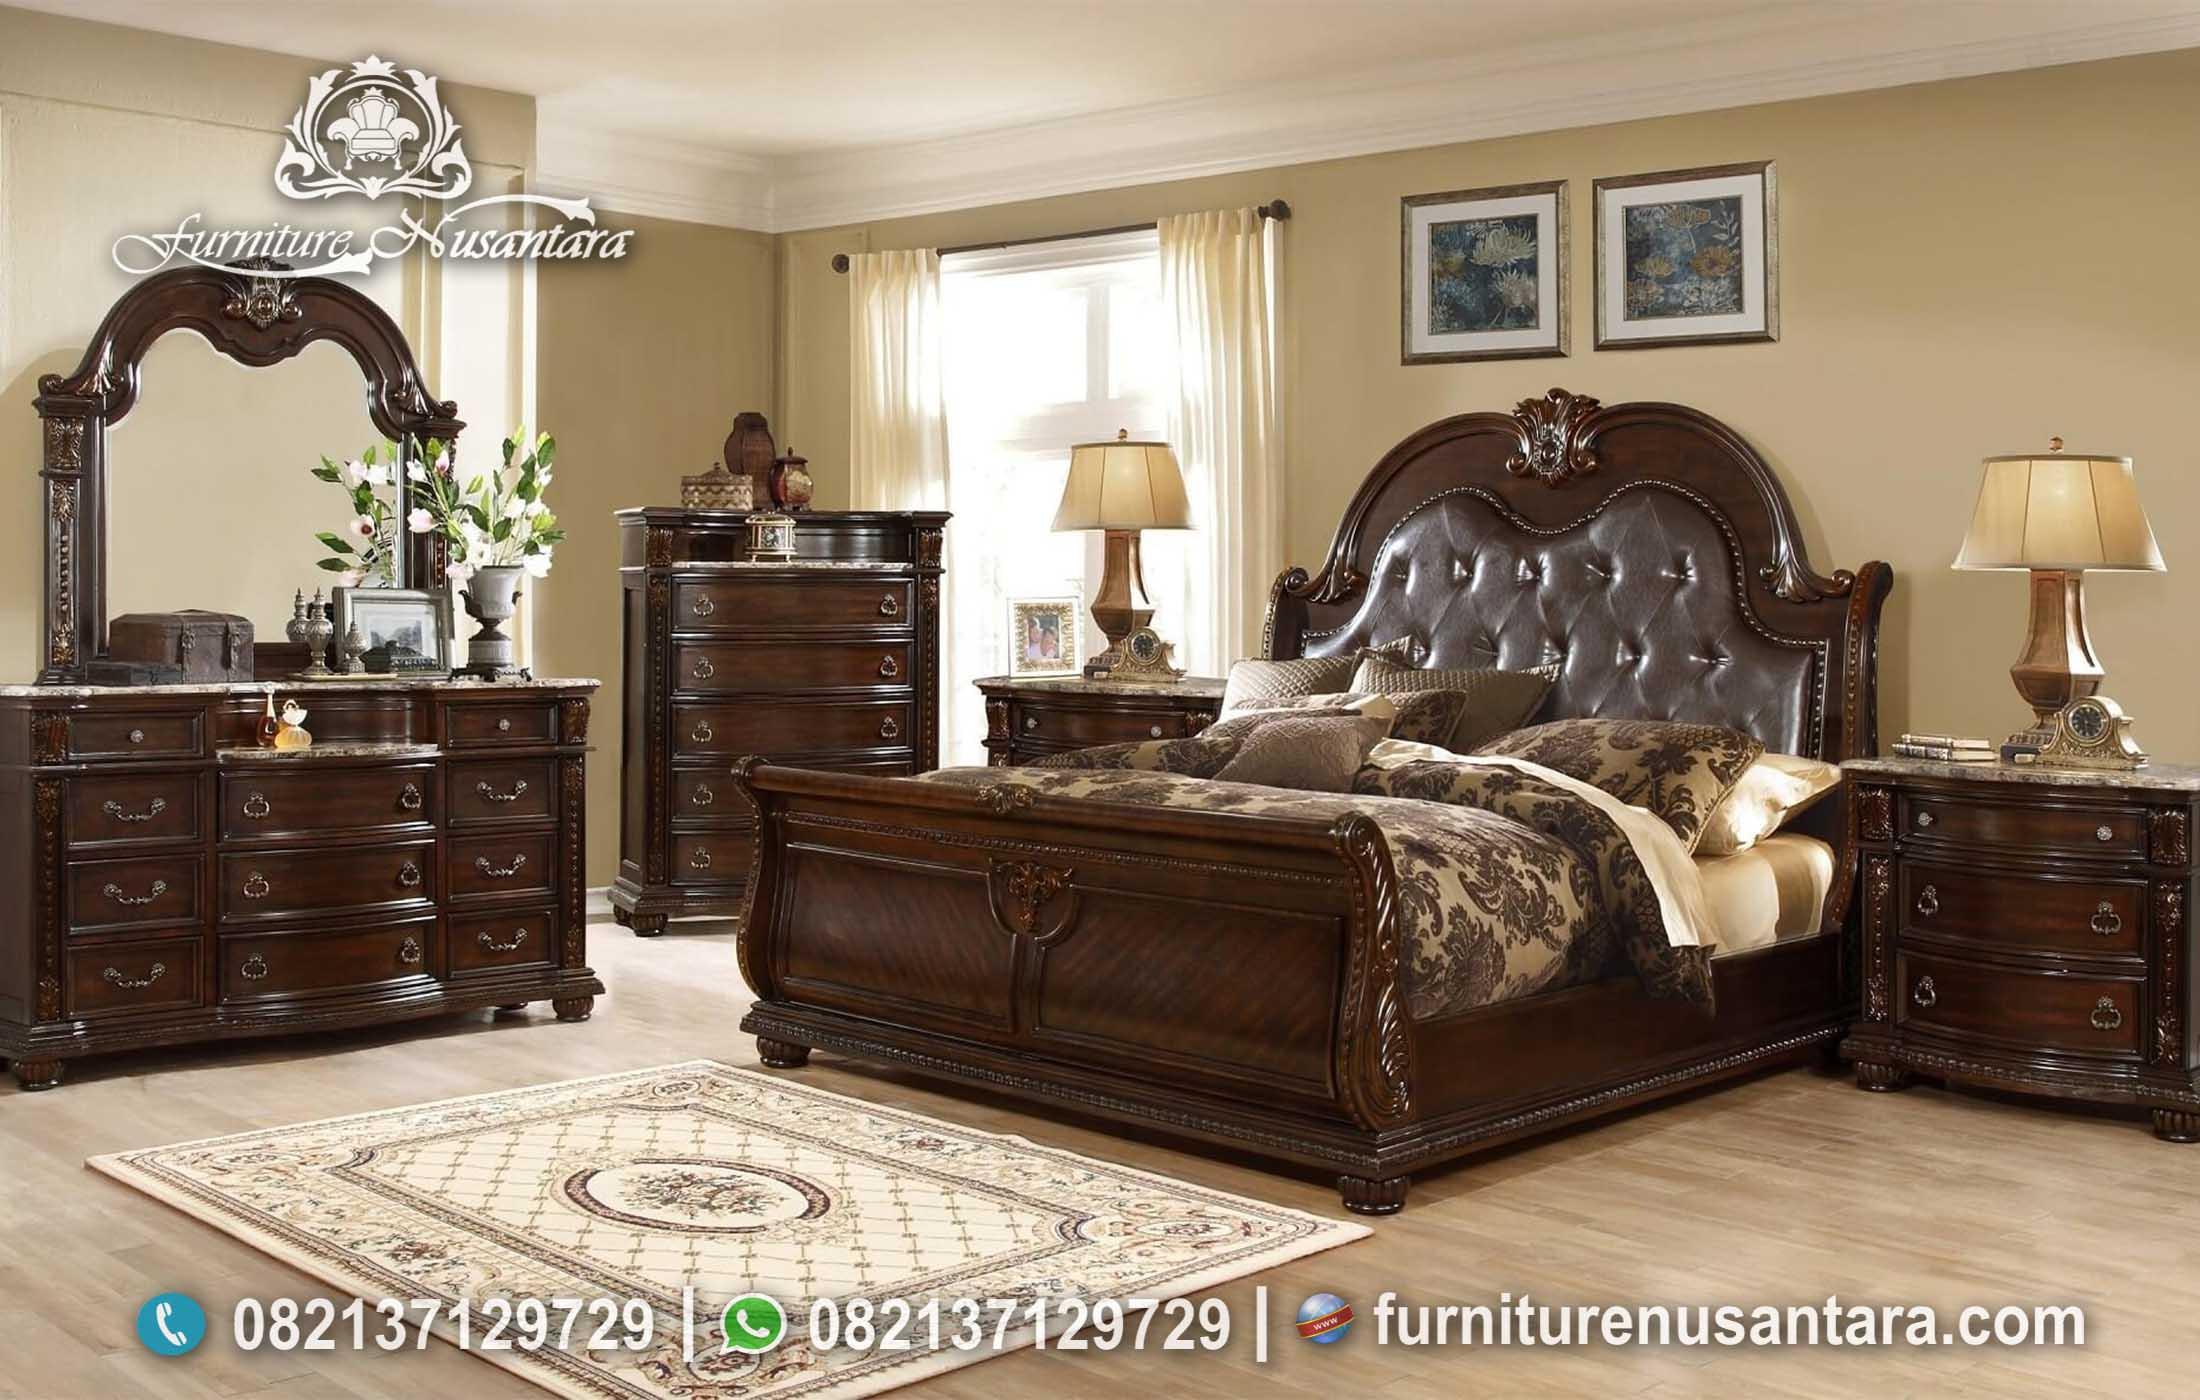 Desain Kamar Tidur Warna Salak Brown KS-135, Furniture Nusantara